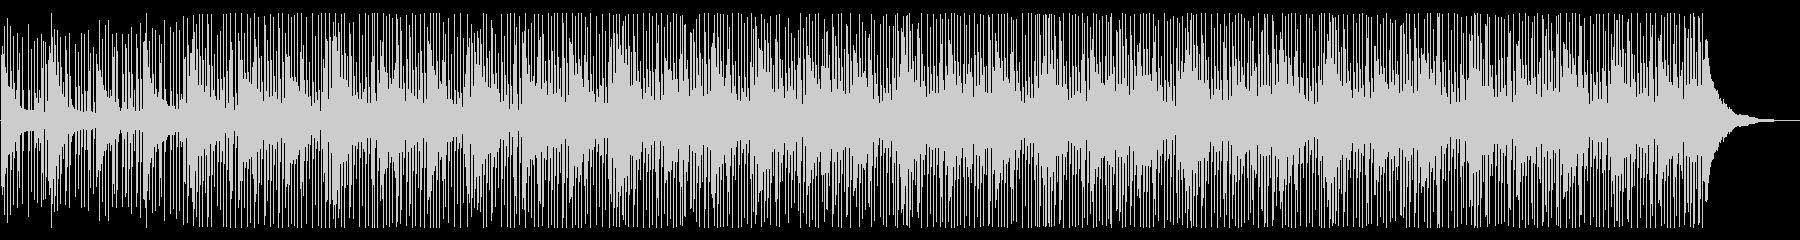 【キック抜】クールで落ち着いたEDMの未再生の波形